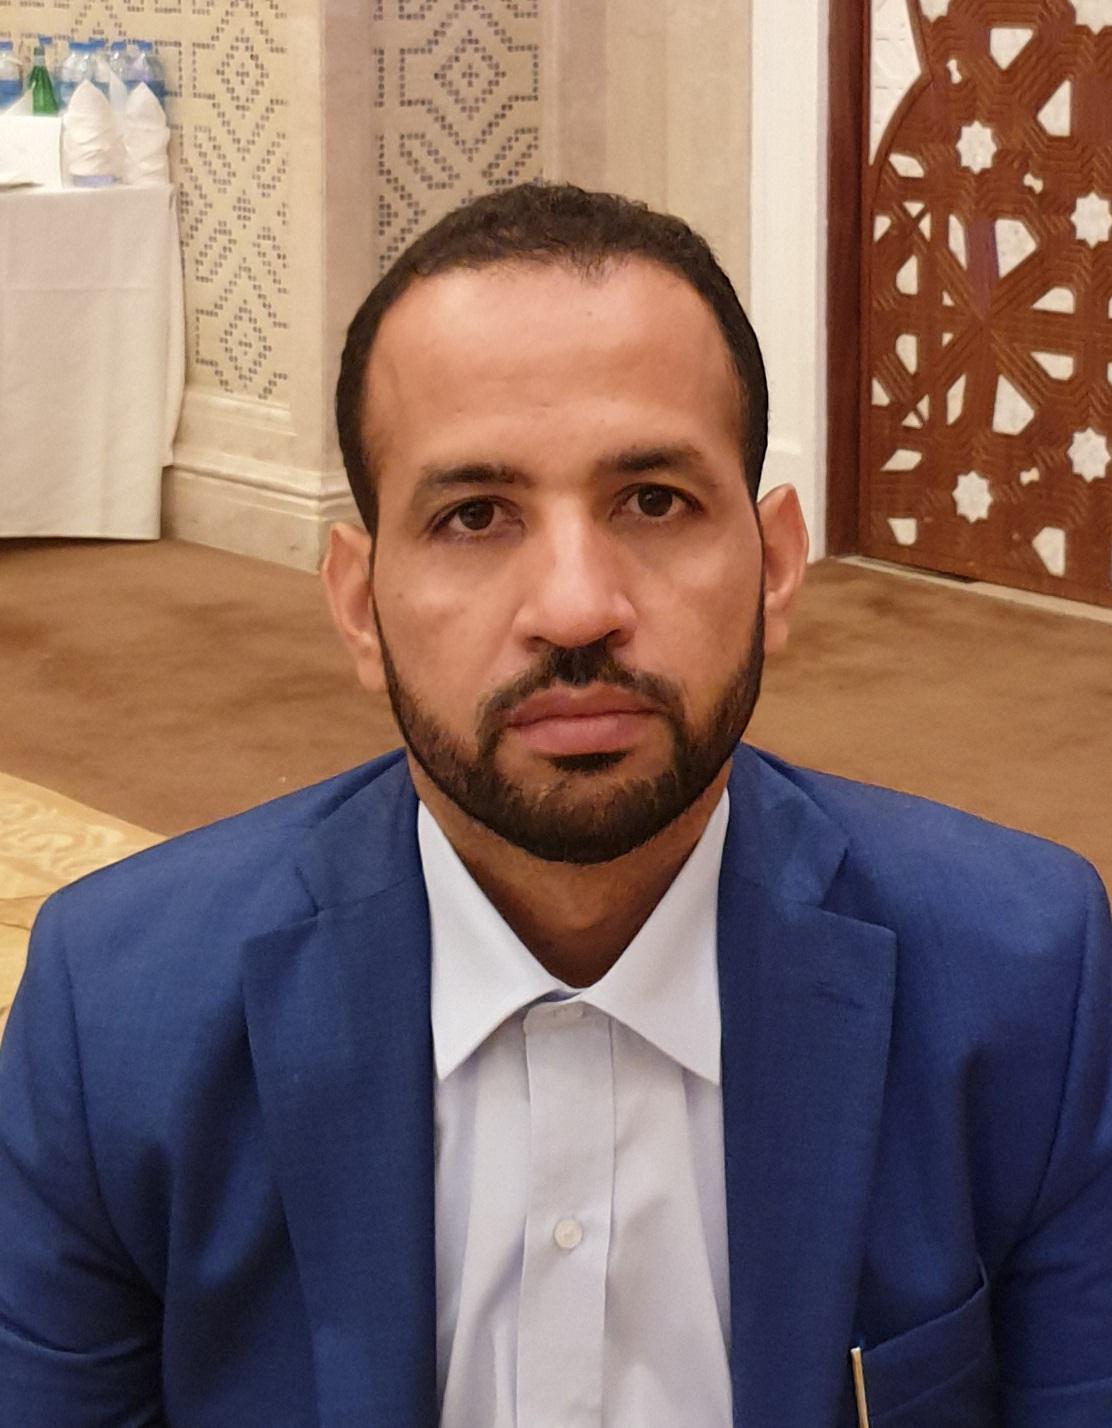 محمد أربيه ـ باحث في تحليل ورسم السياسات العامة mederebih@gmail.com